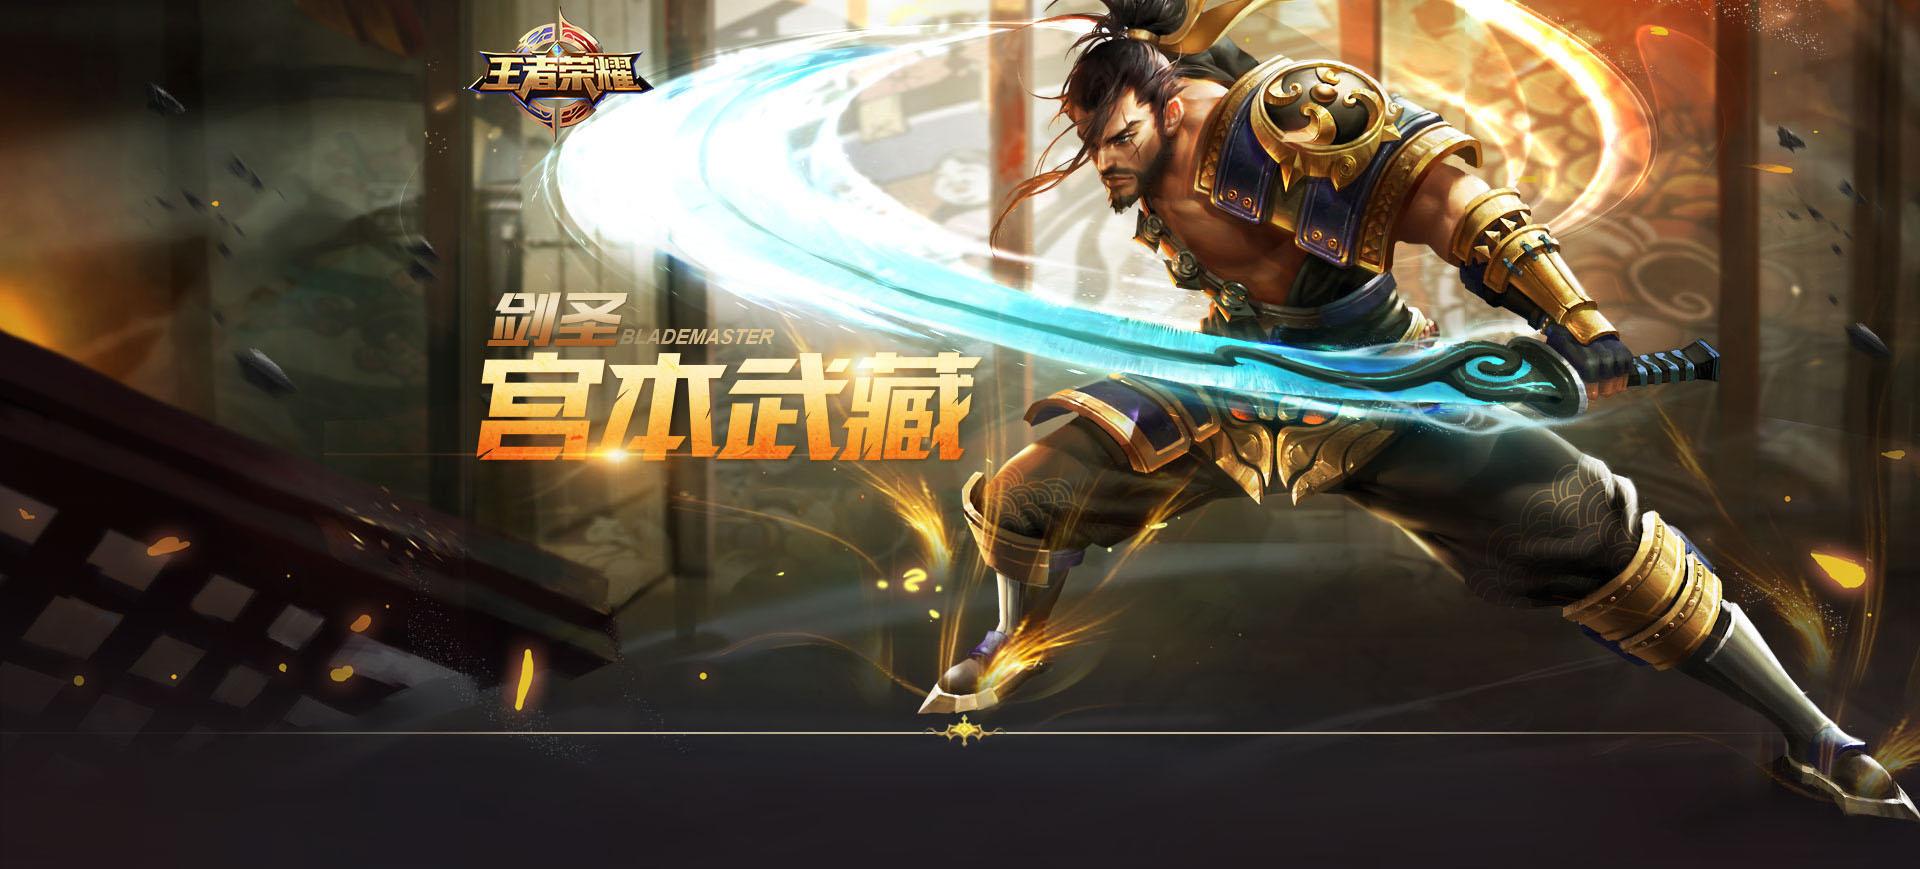 第2弹《王者荣耀英雄皮肤CG》竞技游戏116